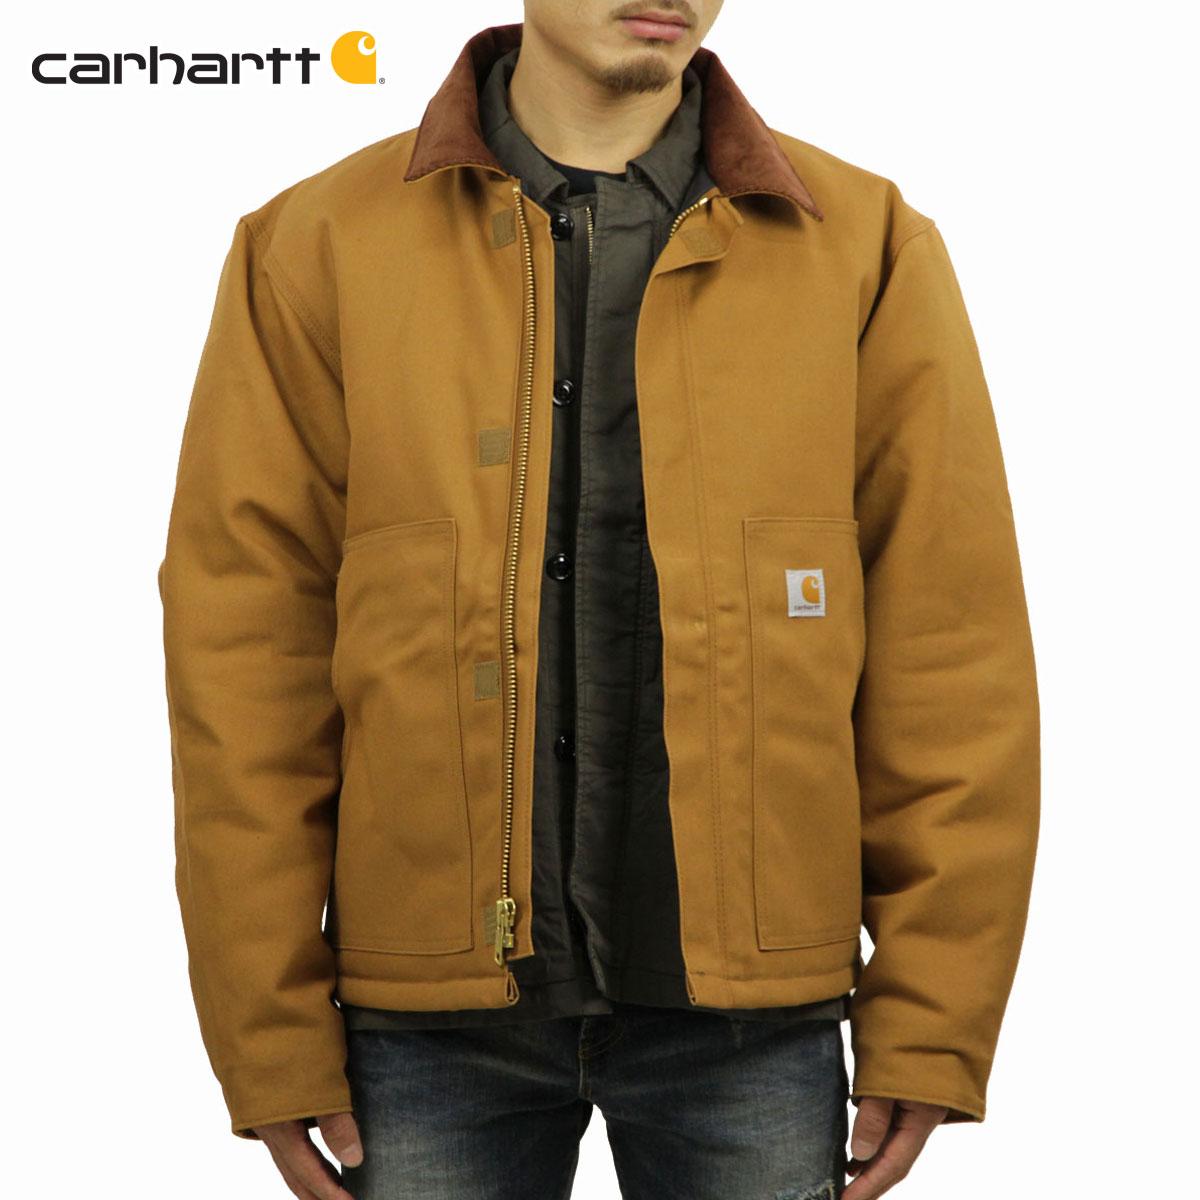 カーハート CARHARTT 正規品 メンズ アウタージャケット DUCK TRADITIONAL JACKET J002 - BRN CARHARTT BROWN